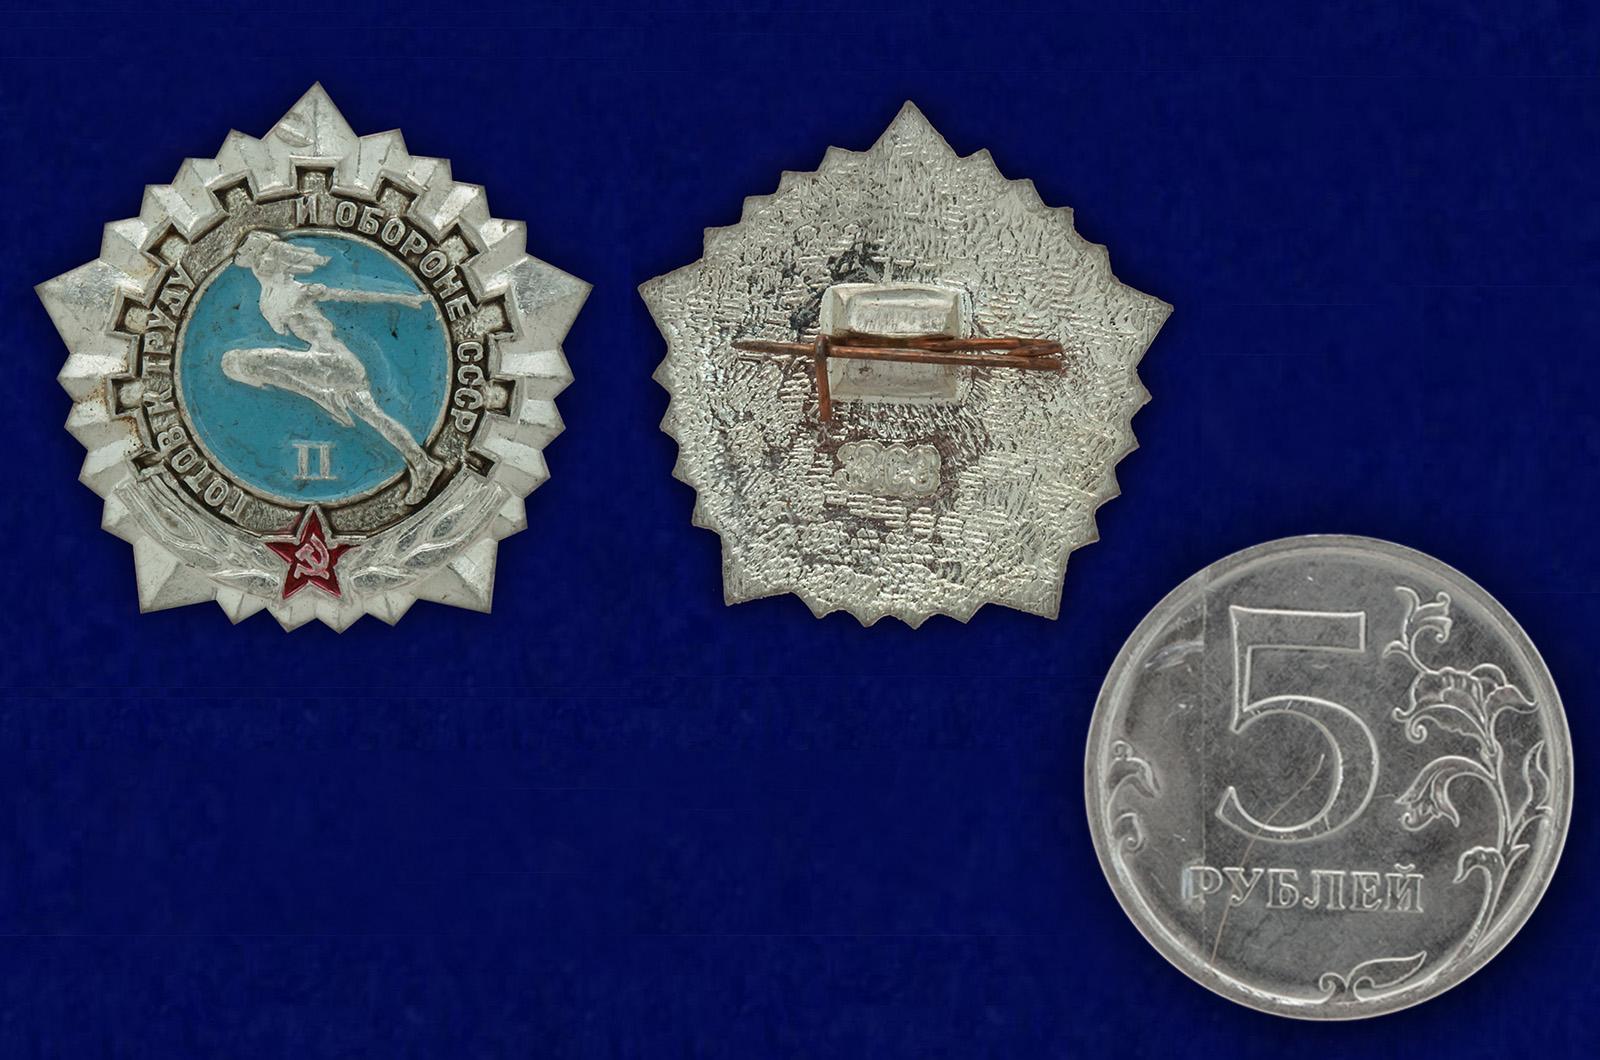 Значок Готов к труду и обороне СССР 2 ступень, образца 1972 года по выгодной цене